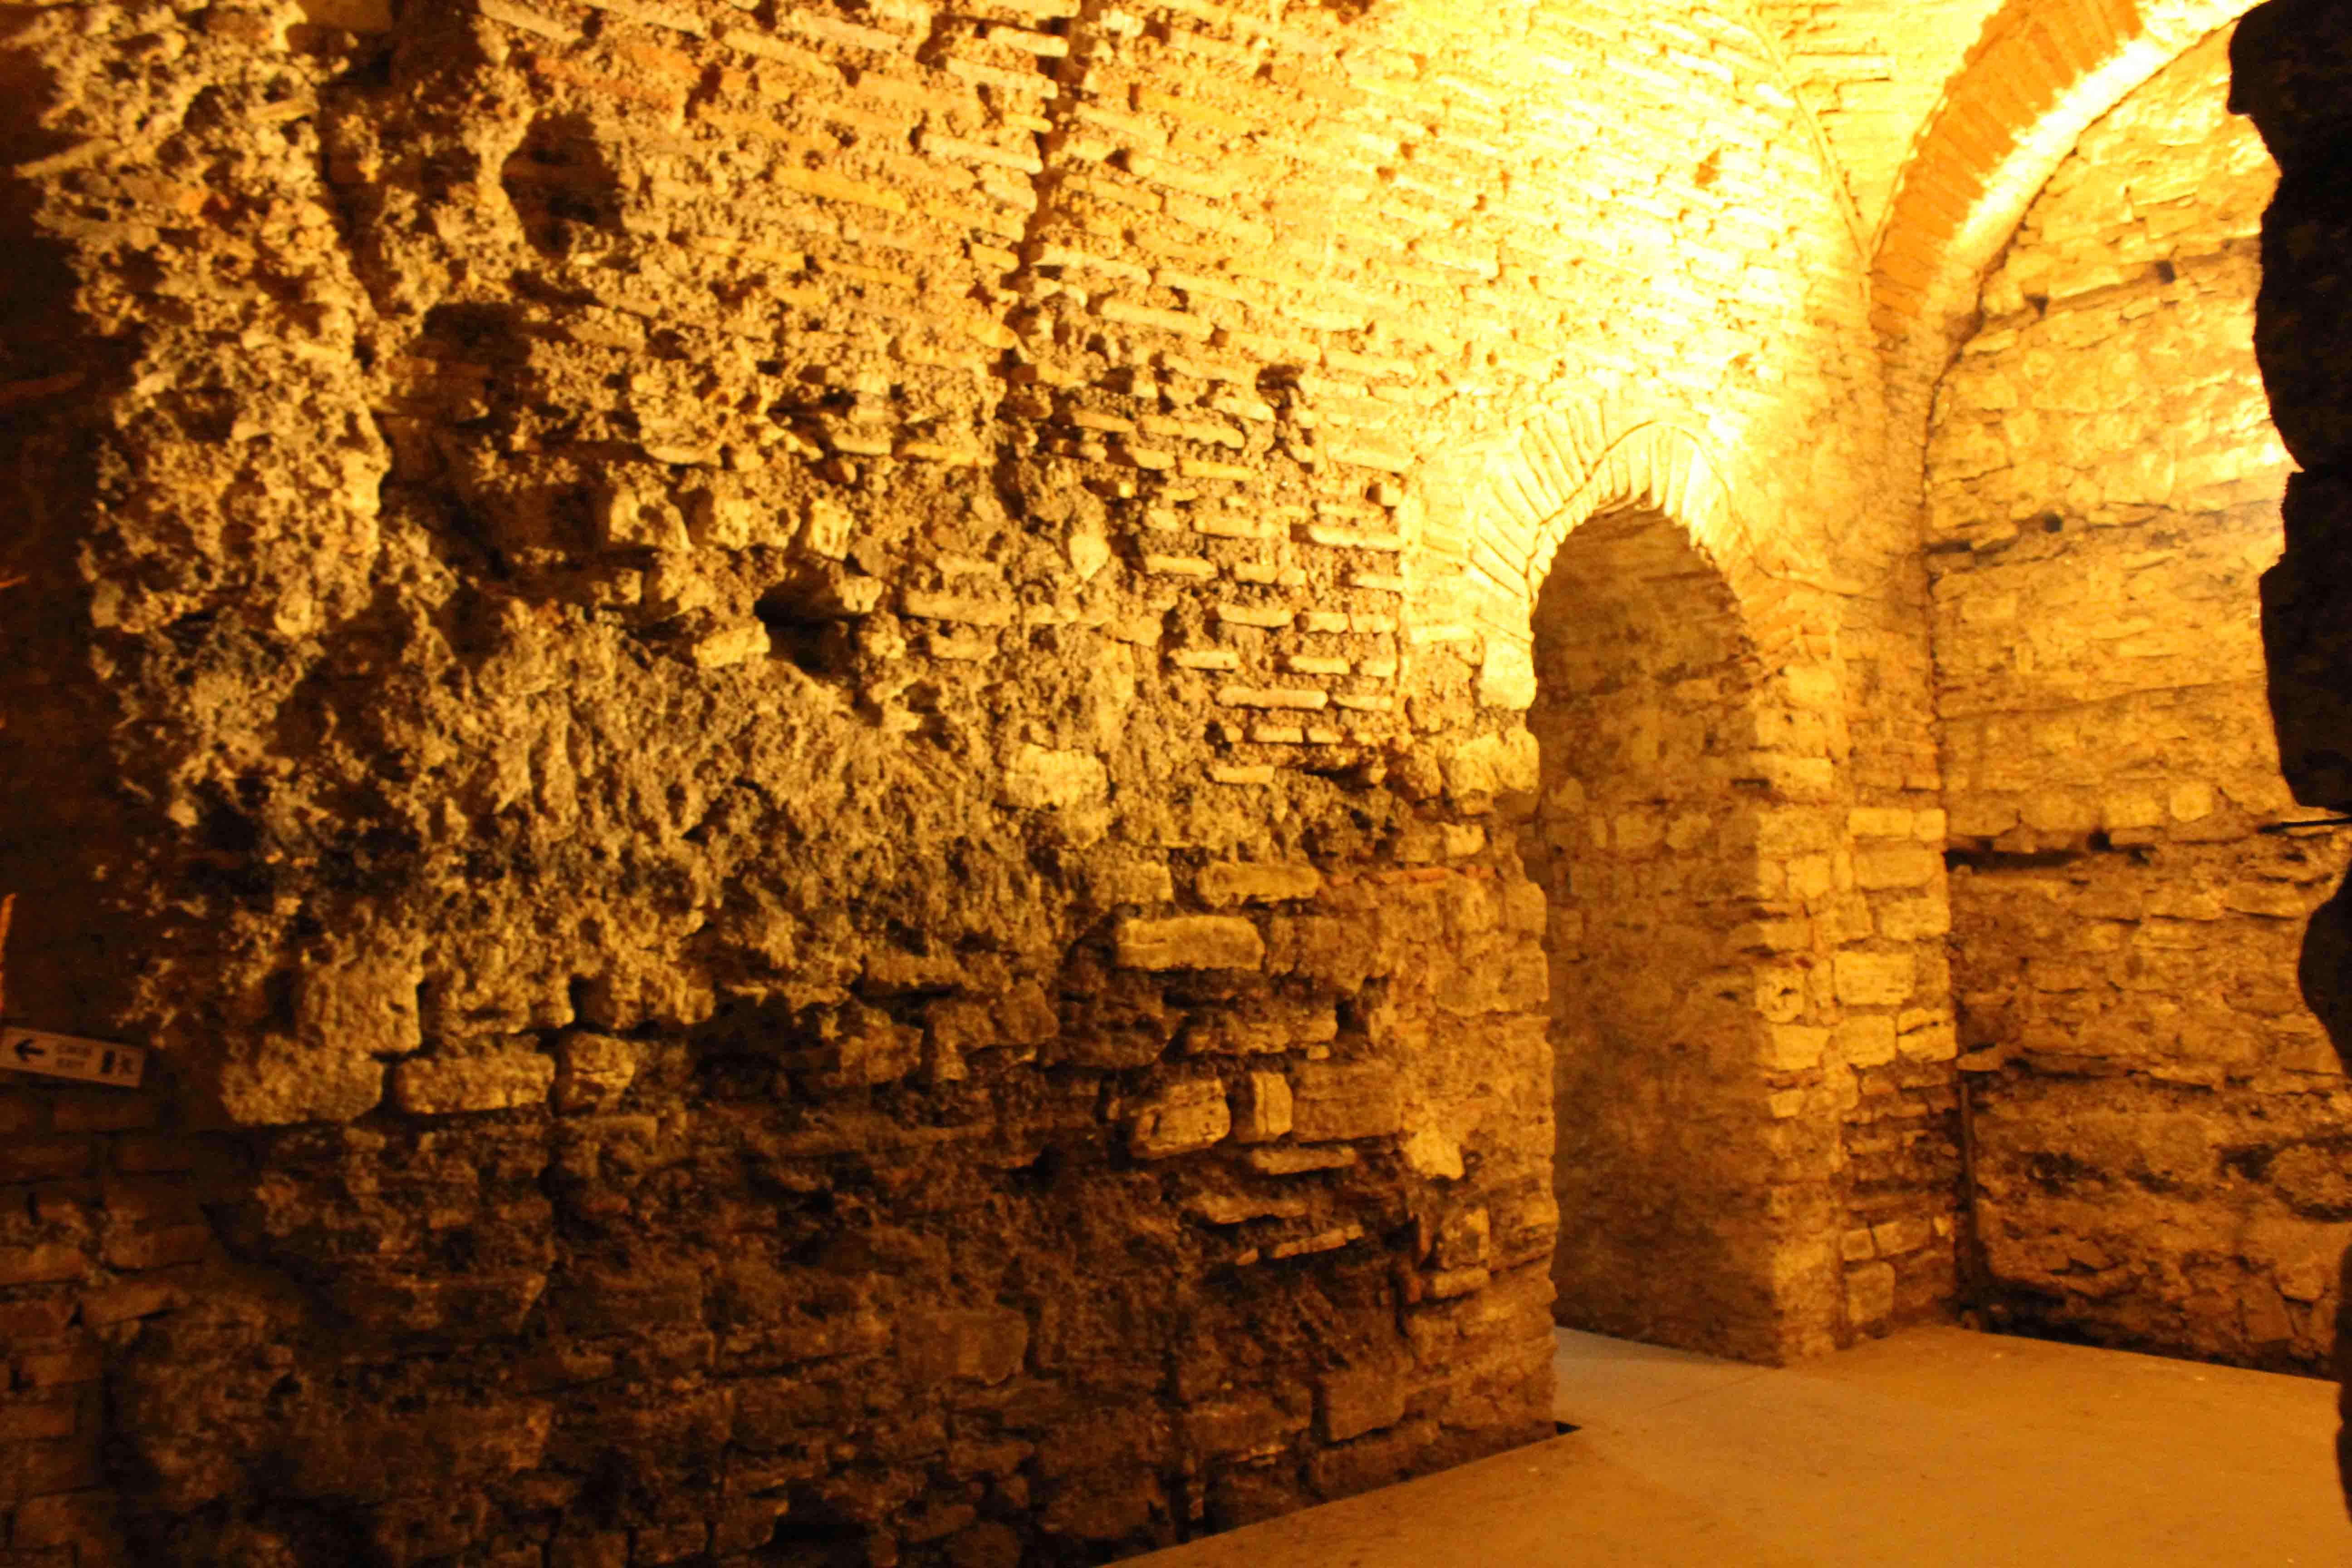 https://www.alburakathisma.com/images/galeri/orjinal/albura-Cistern-83.jpg